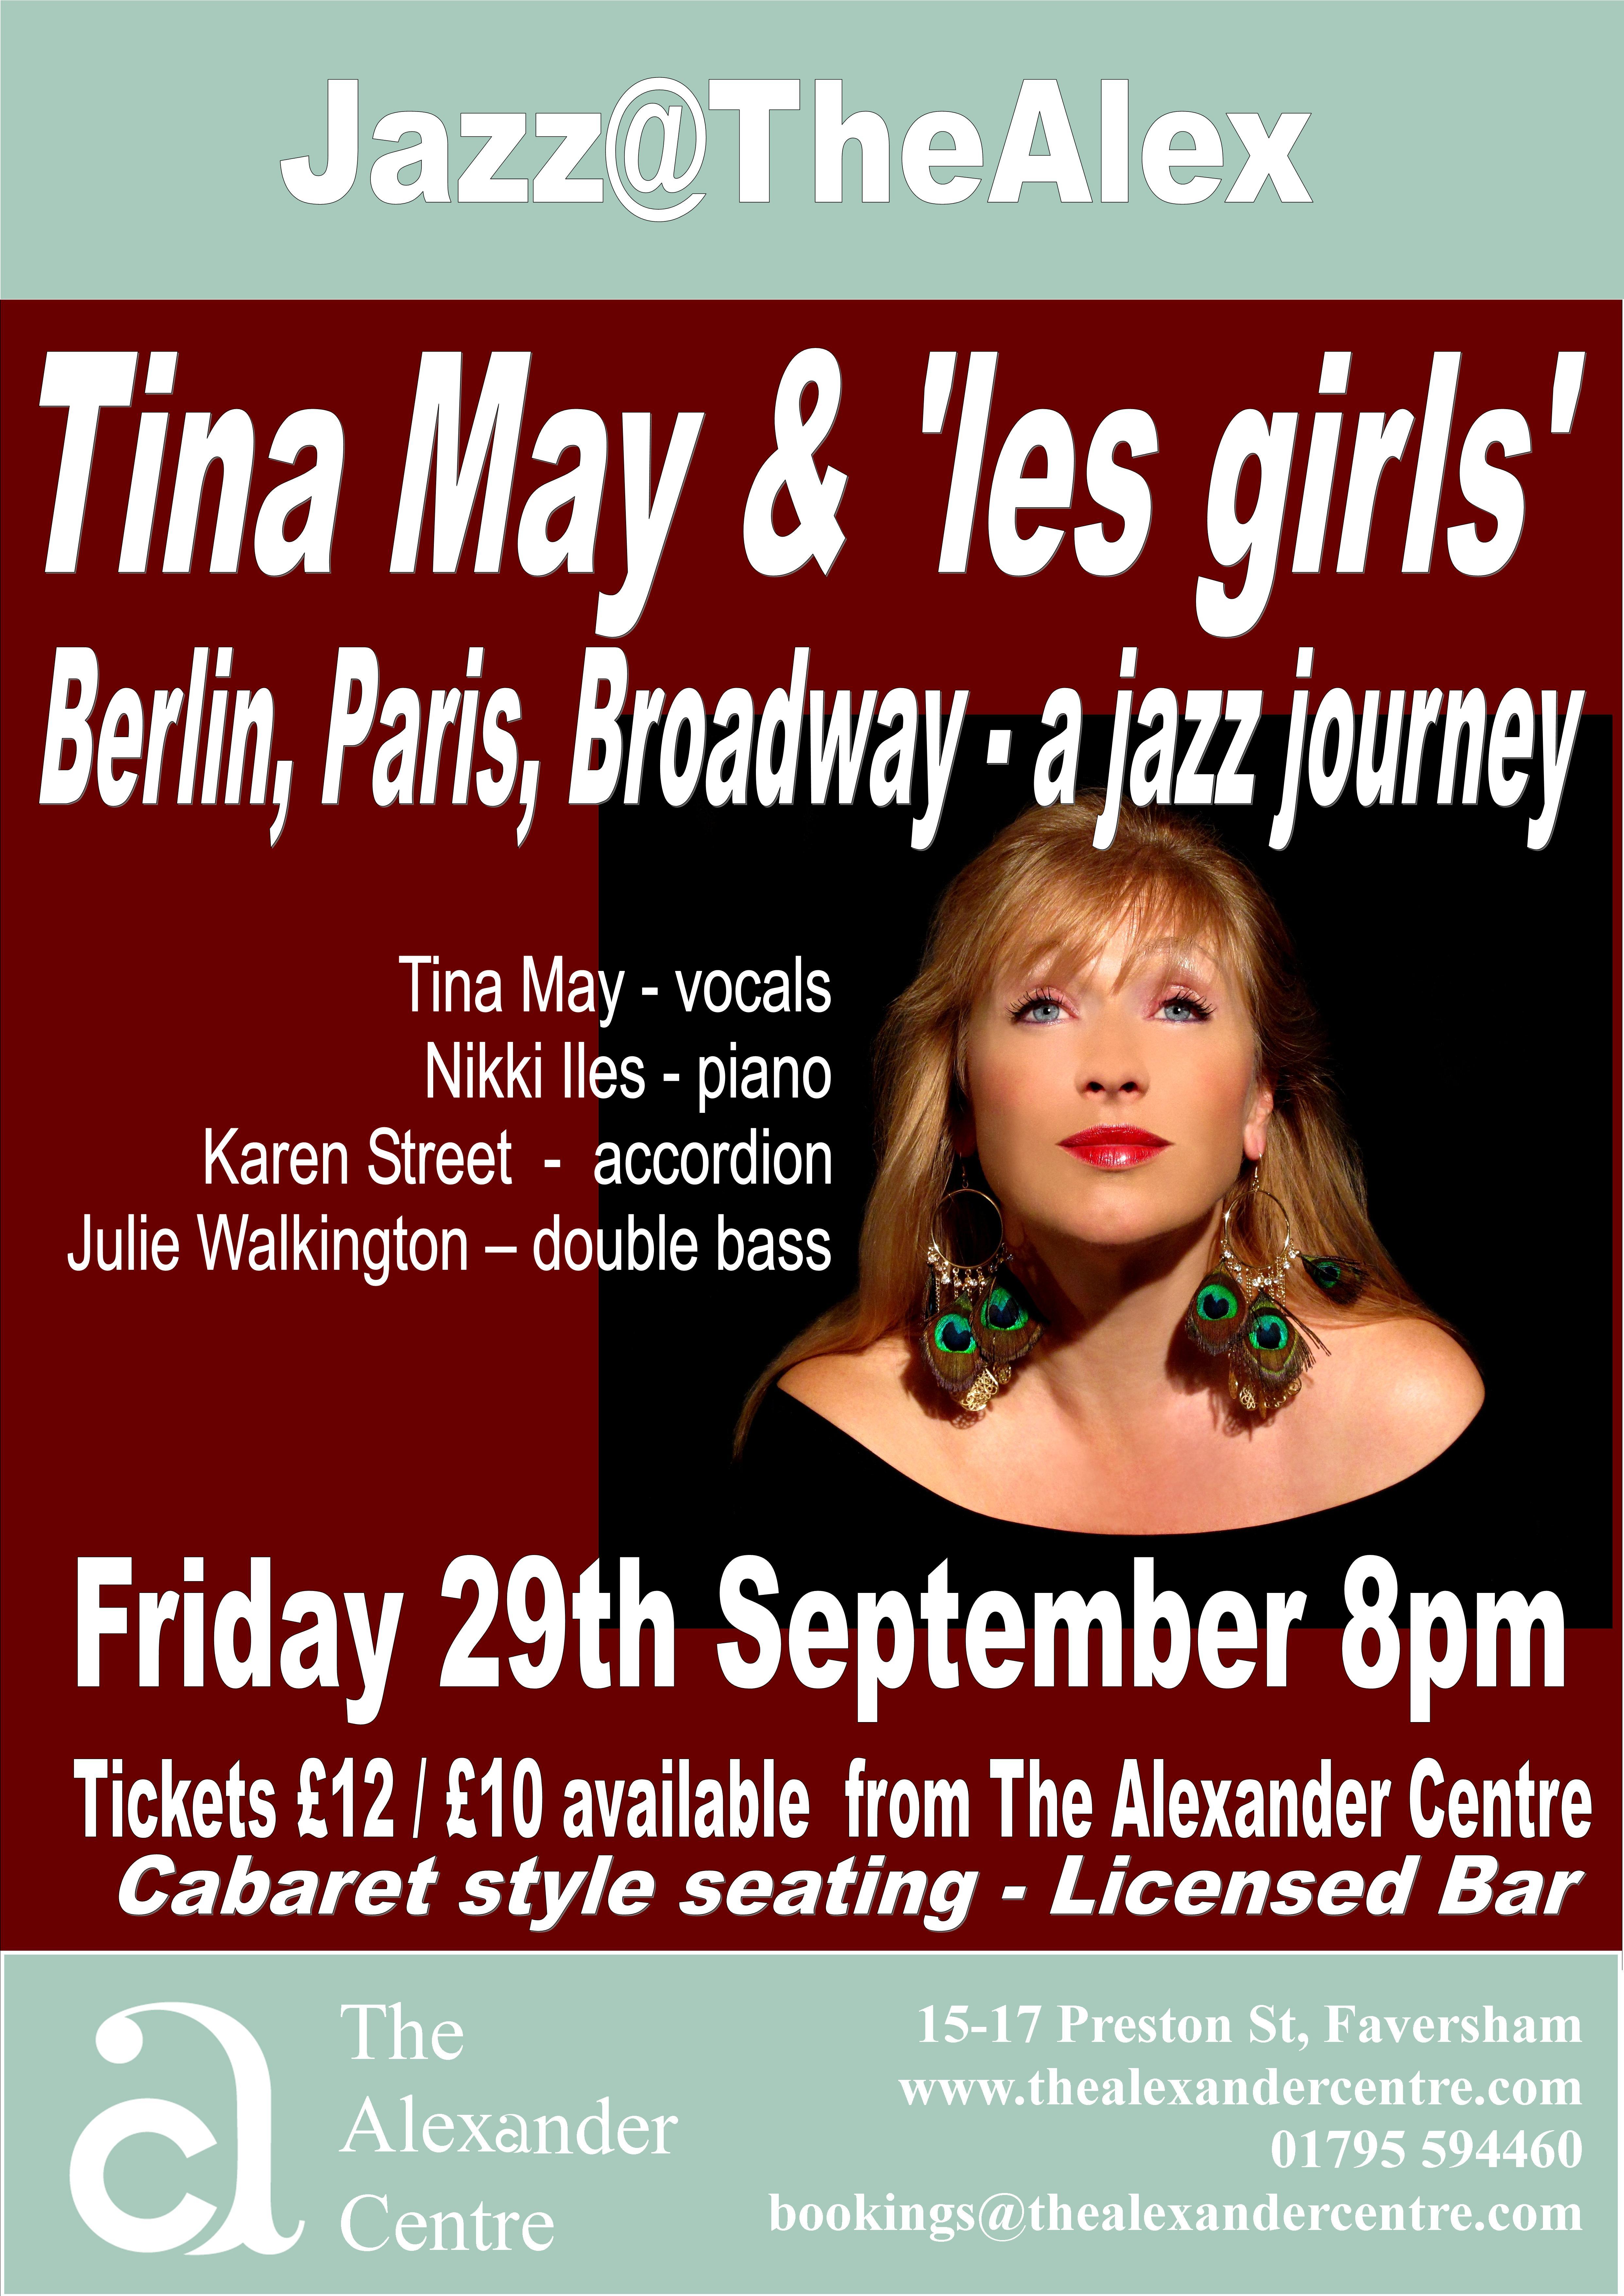 Tina May & 'les girls'  present 'Berlin, Paris, Broadway - a jazz journey'